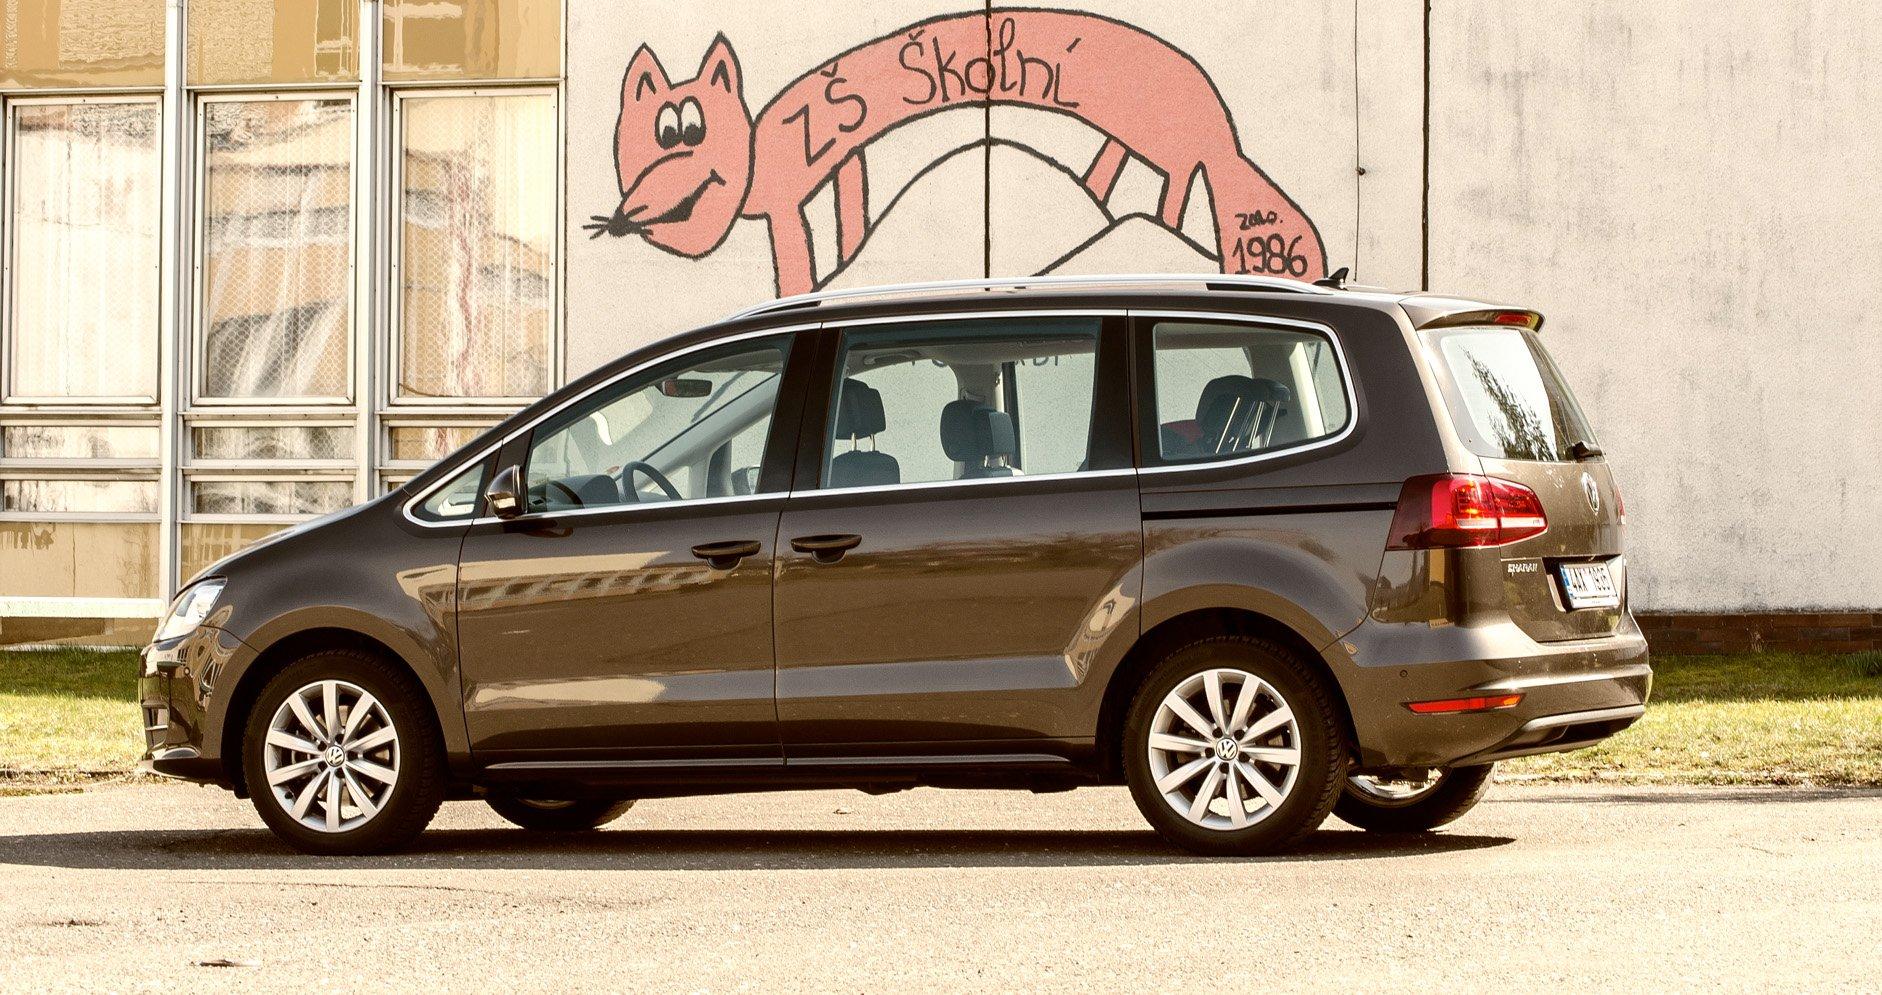 Sedm lidí v autě. Jak vybrat rodinné auto, když je vás trochu víc?